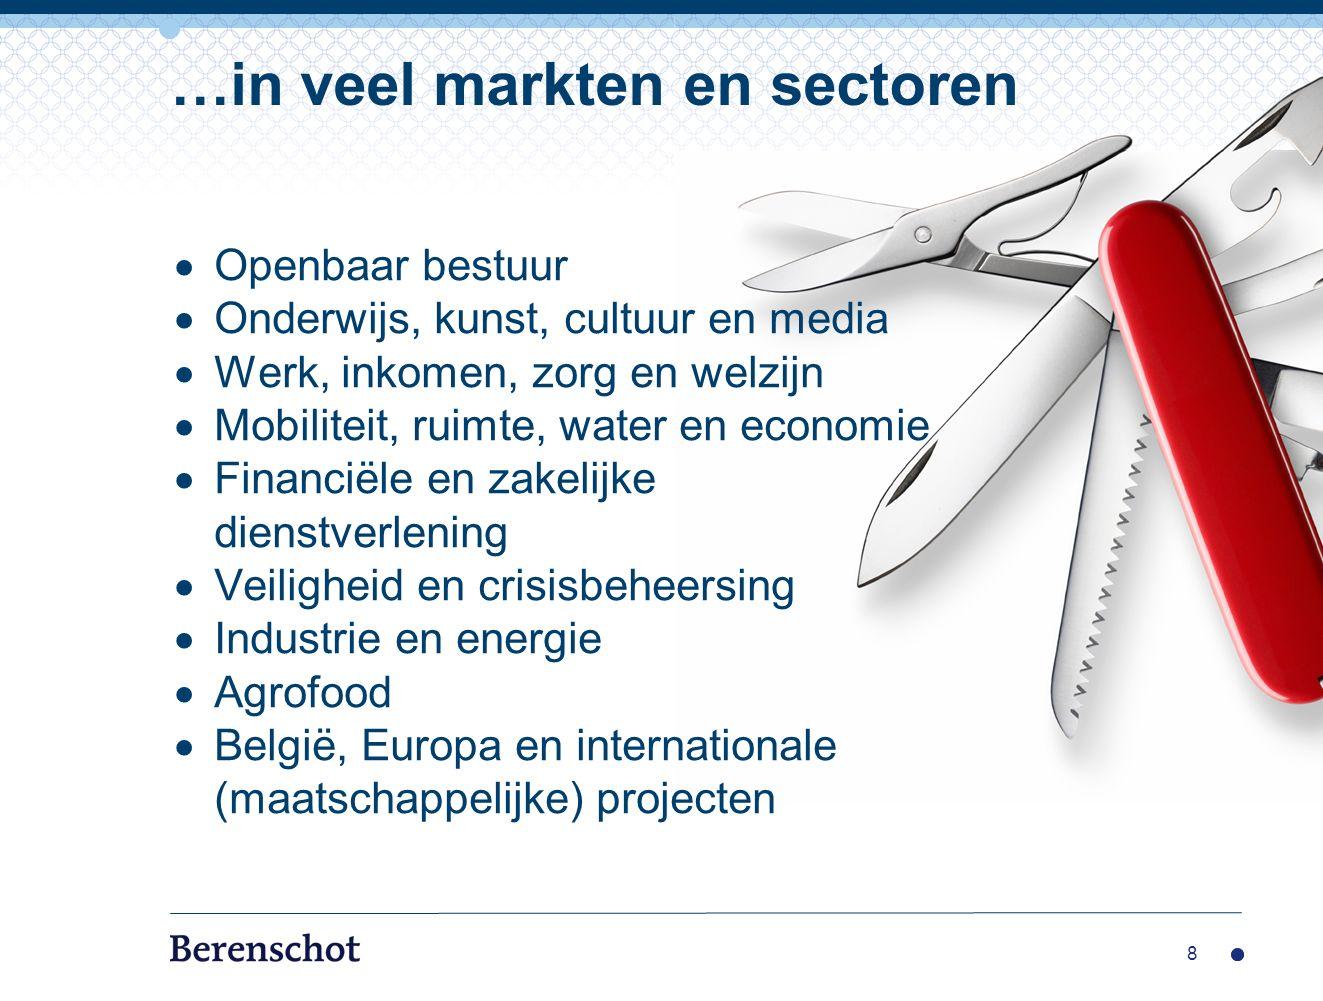 8 …in veel markten en sectoren  Openbaar bestuur  Onderwijs, kunst, cultuur en media  Werk, inkomen, zorg en welzijn  Mobiliteit, ruimte, water en economie  Financiële en zakelijke dienstverlening  Veiligheid en crisisbeheersing  Industrie en energie  Agrofood  België, Europa en internationale (maatschappelijke) projecten